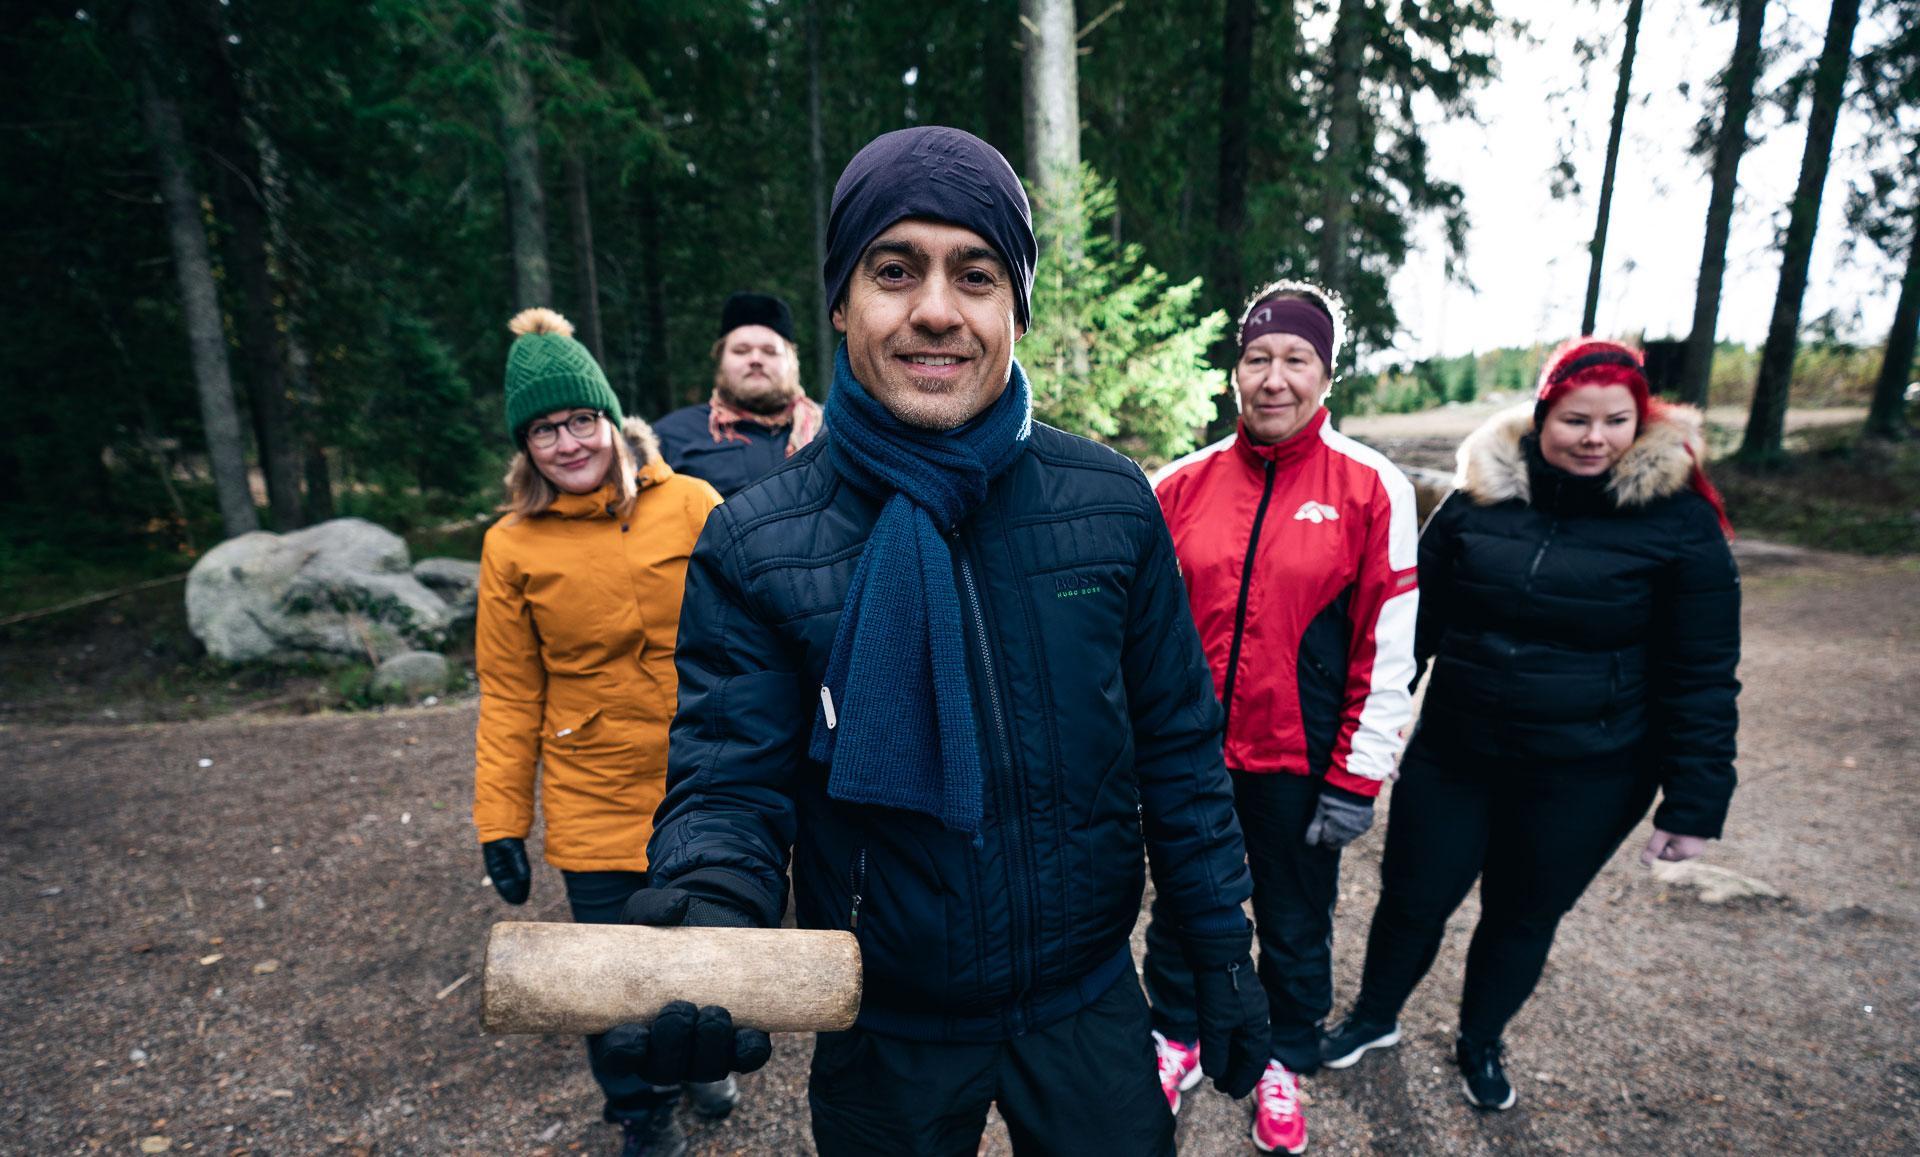 Kuvassa mies etualalla pitelee käsissään Mölkky-palikkaa ja taustalla on neljä muuta henkilöä.